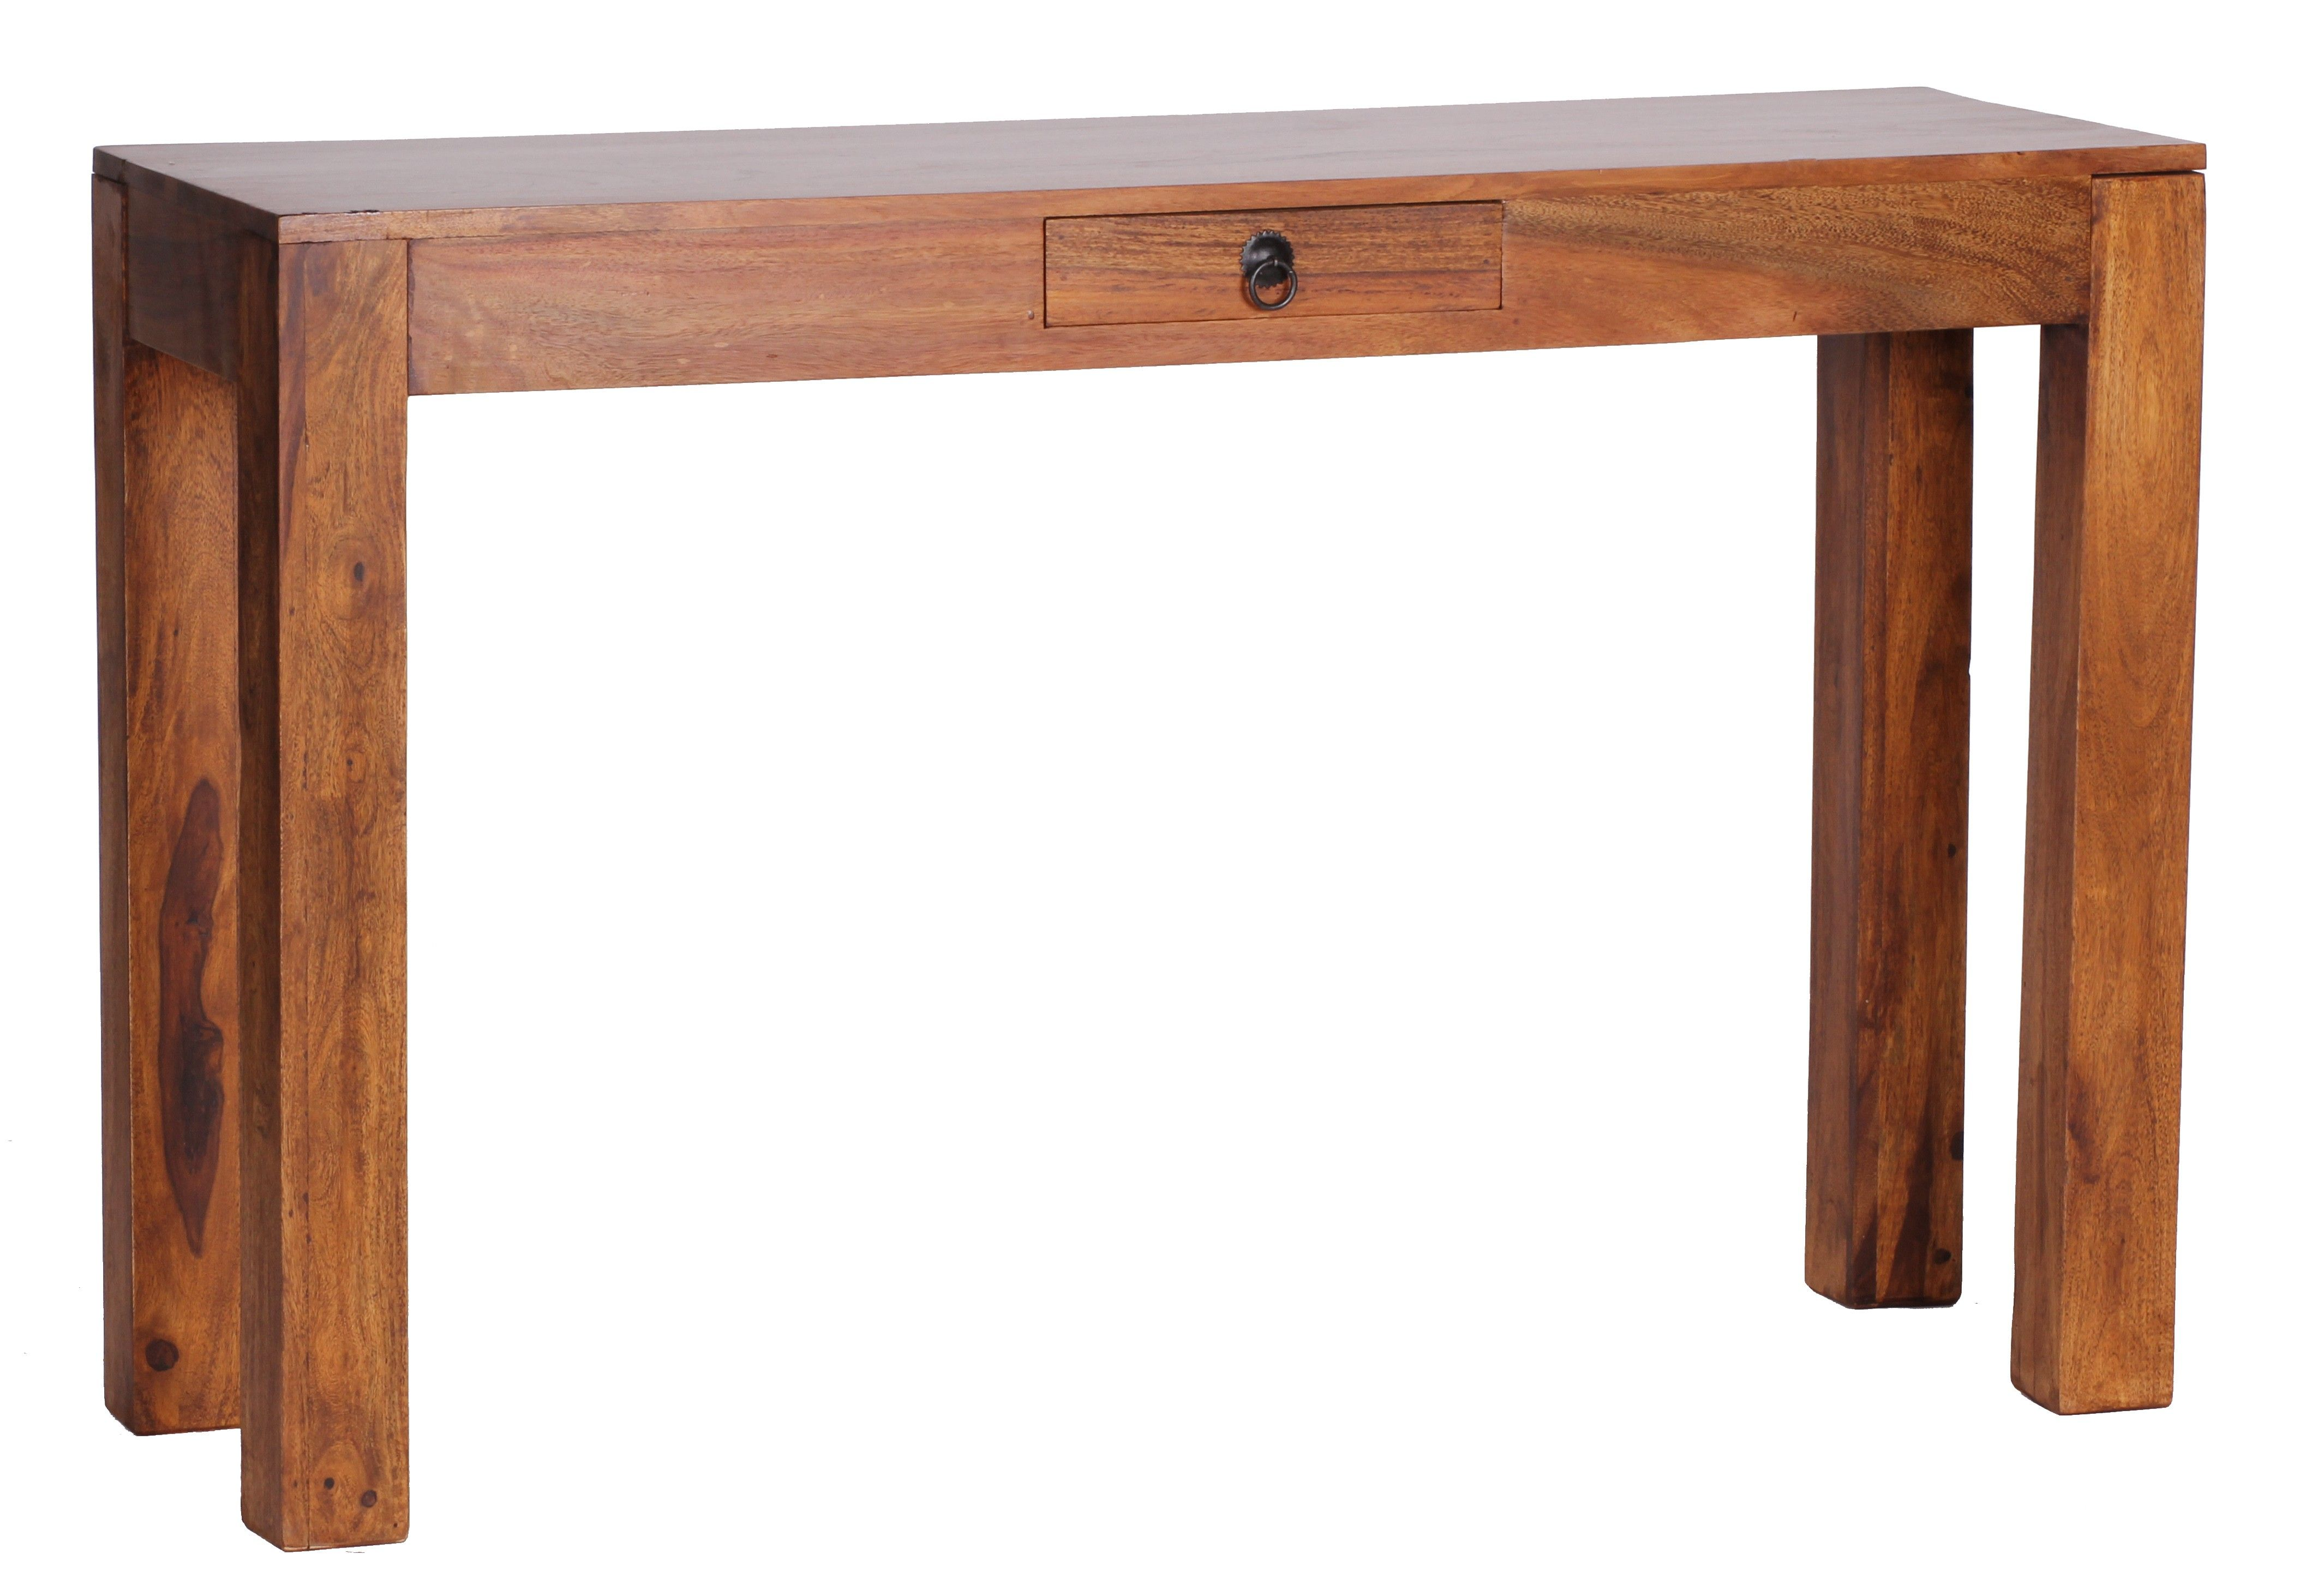 Sheesham Konsolentisch Massiv 120 Cm Mit 1 Schublade Massivholz Console Table Table Furniture